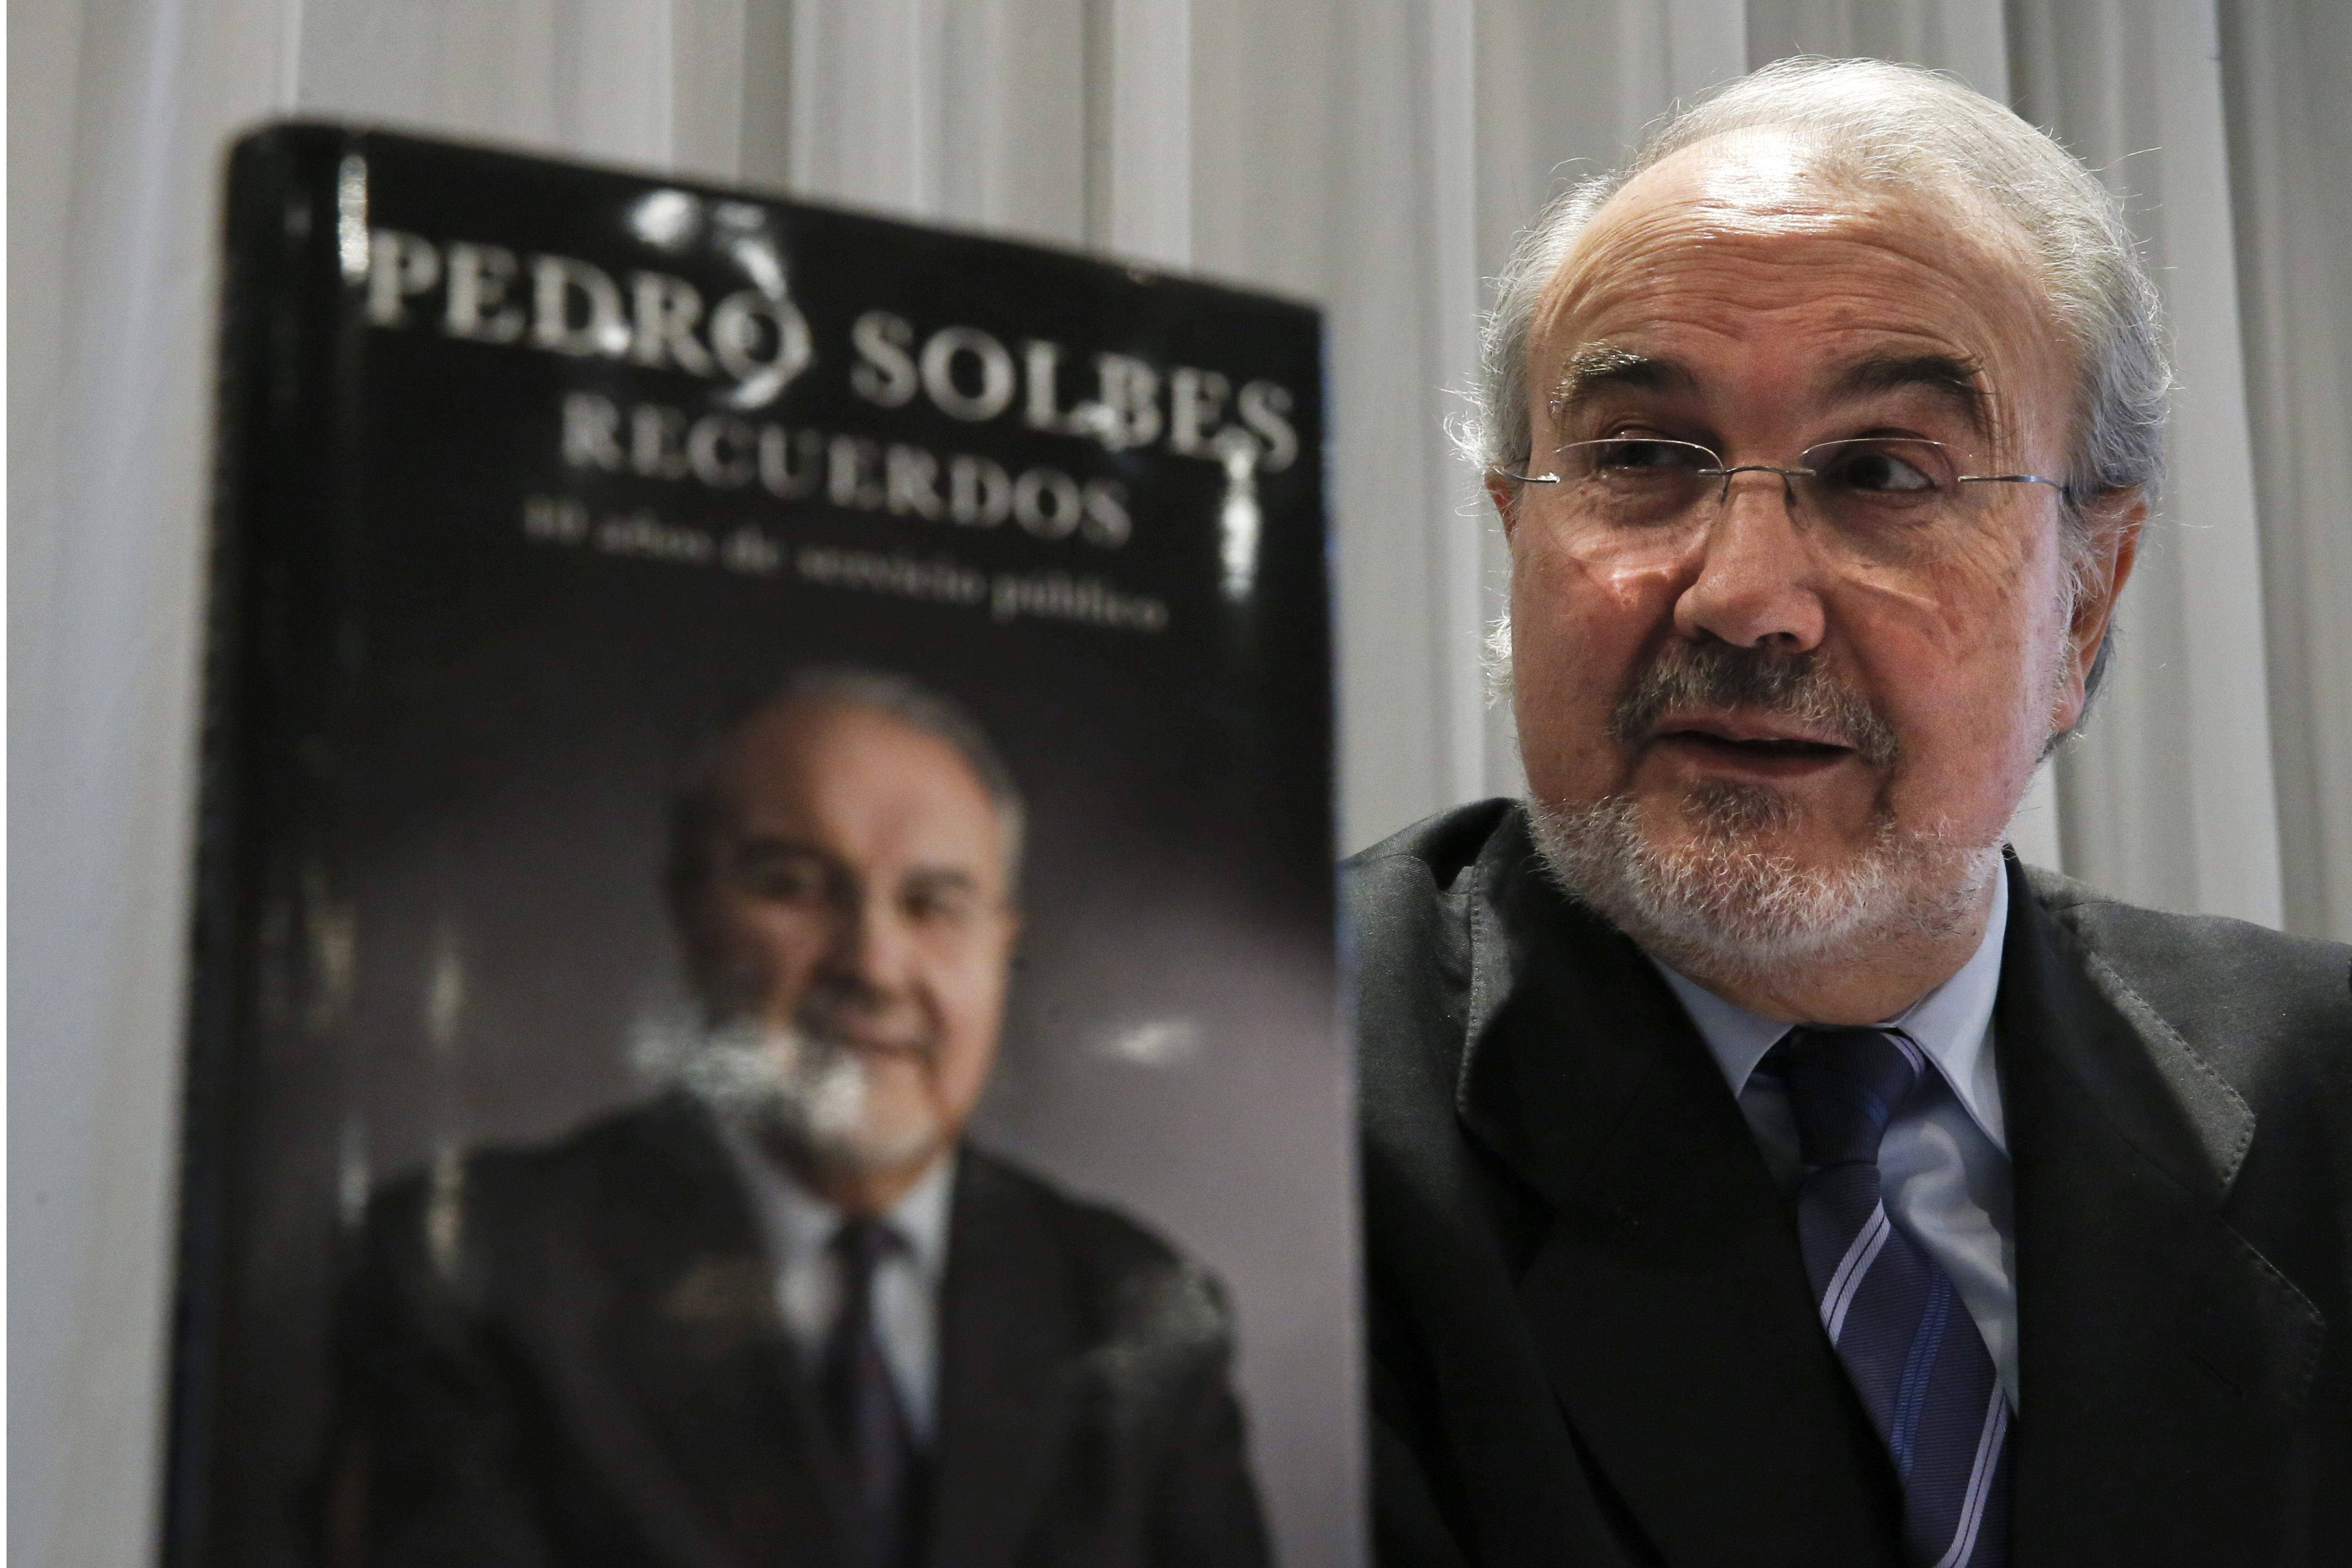 Solbes insiste en que le dio en mano a Zapatero el documento en el que anunciaba la crisis y apunta que tiene una copia